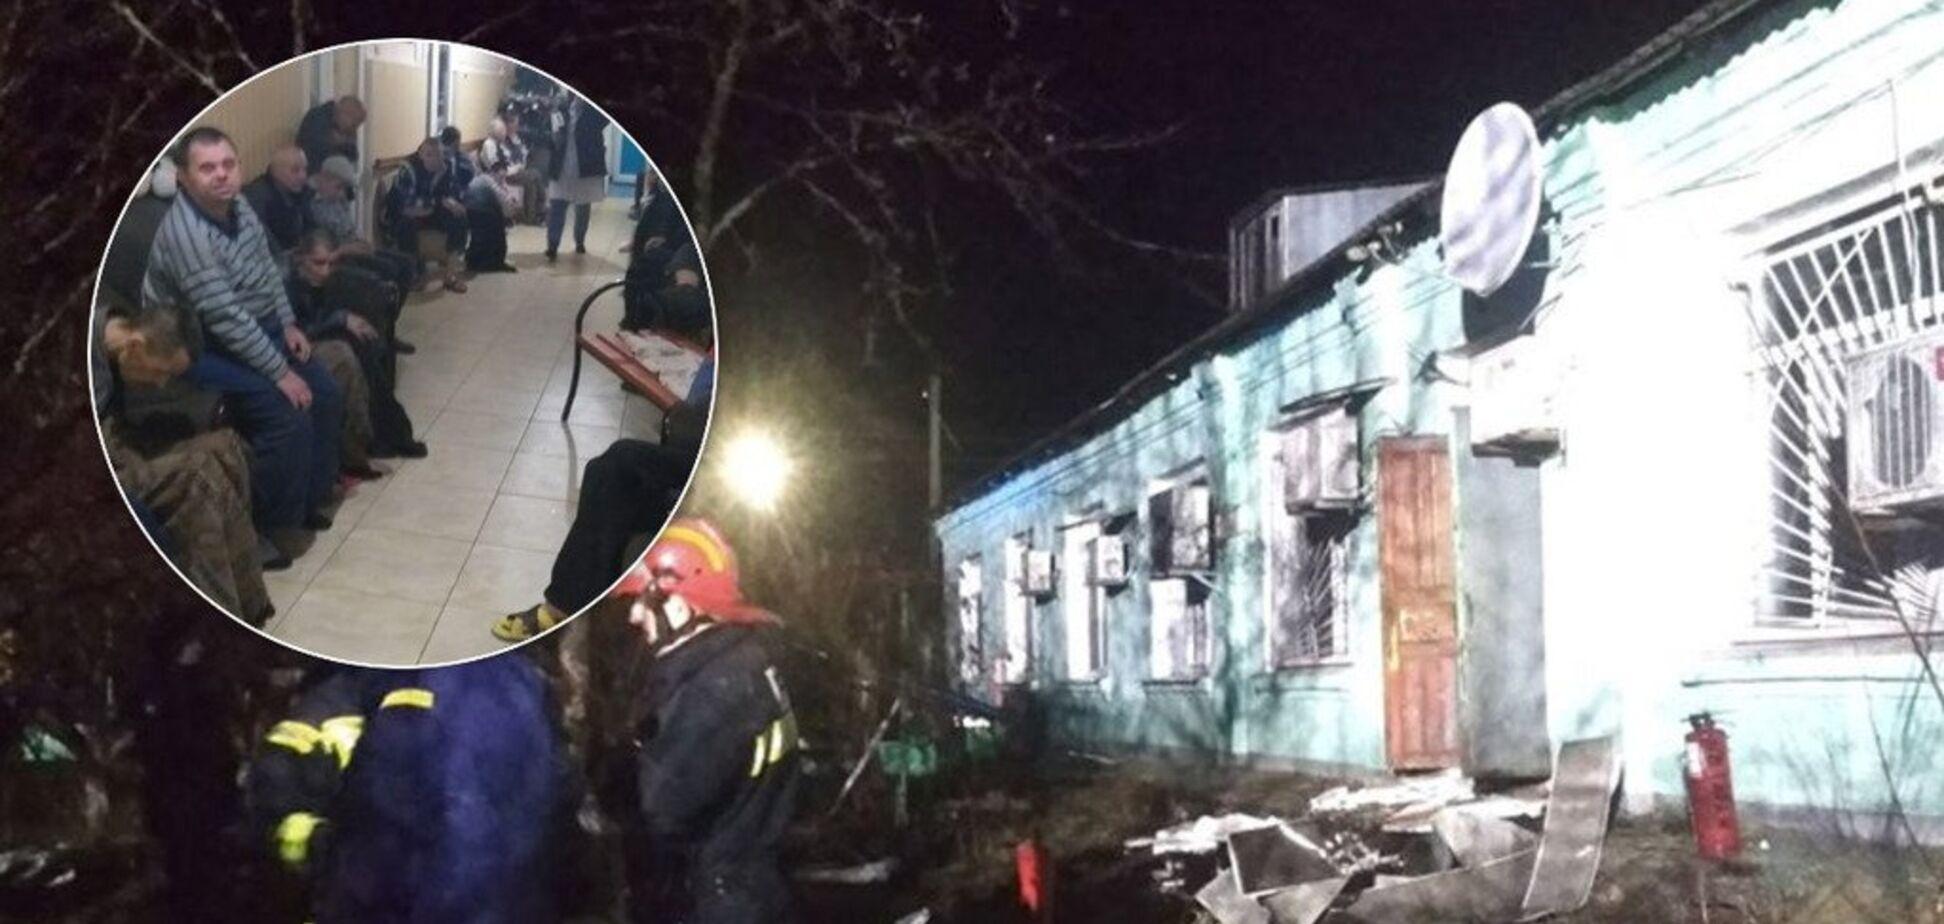 Хворі згоріли живцем: розкрито страшні деталі пожежі у психінтернаті на Луганщині